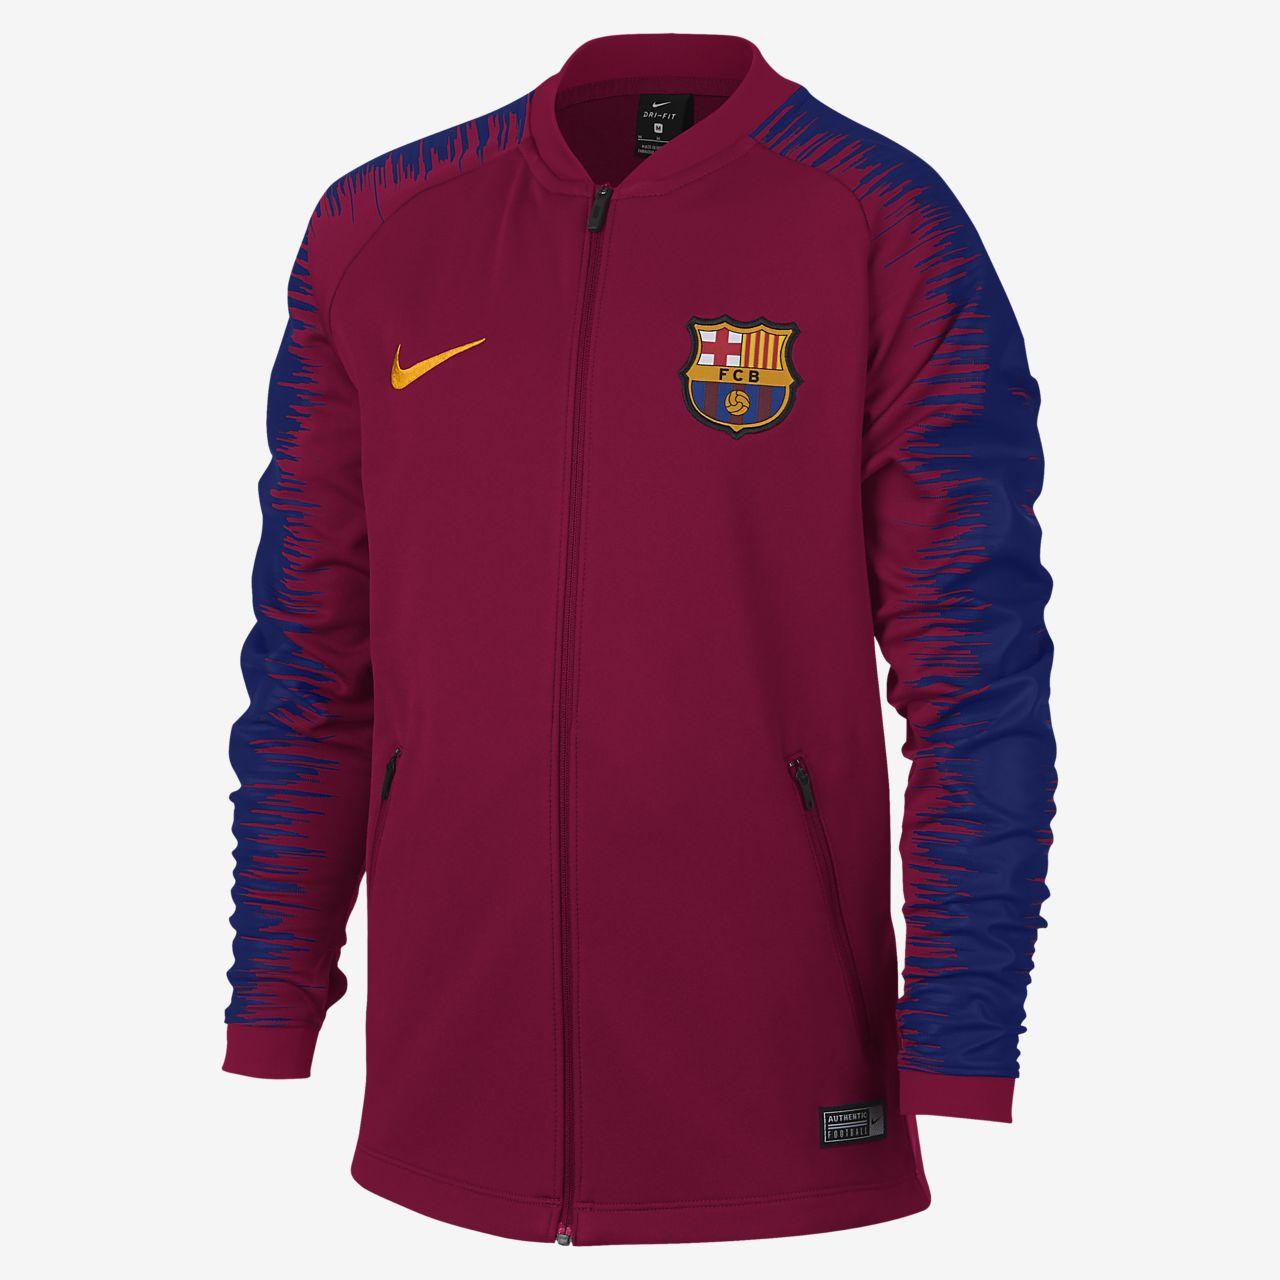 FC Barcelona Anthem Chaqueta de fútbol - Niño a. Nike.com ES 88746712eba